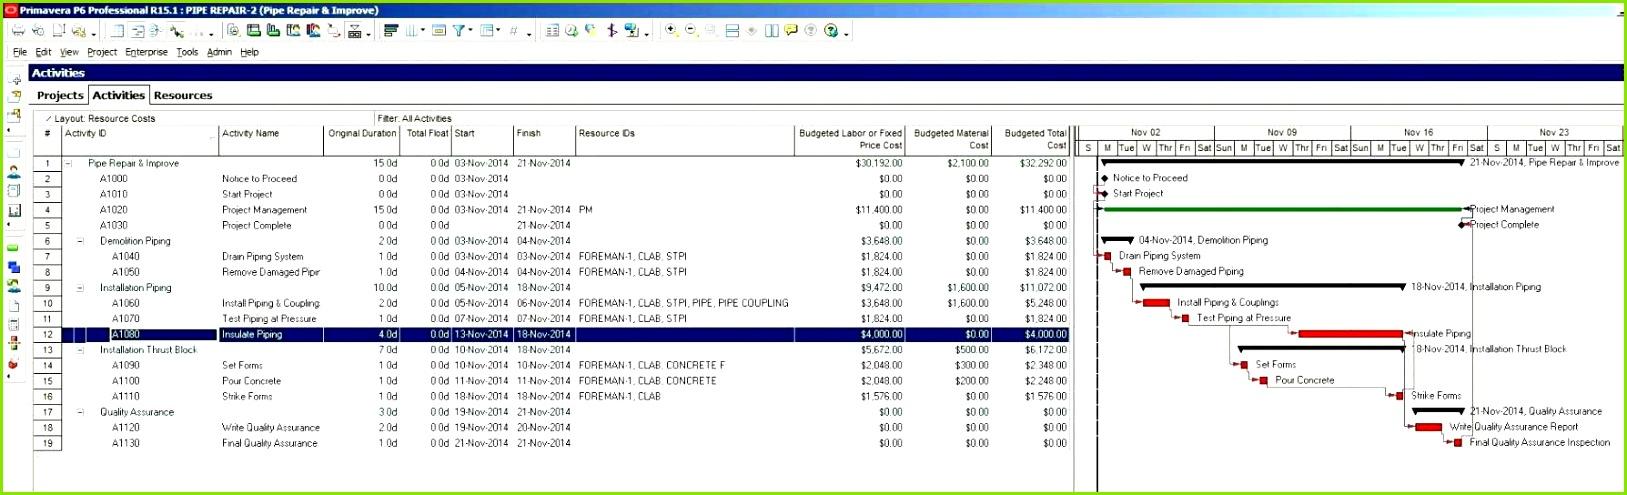 10 Planung Excel Vorlage Vorlagen123 Vorlagen123 40 Frisch Lebenslauf Kellner yayaconnection – Automatische Email Antwort Vorlage